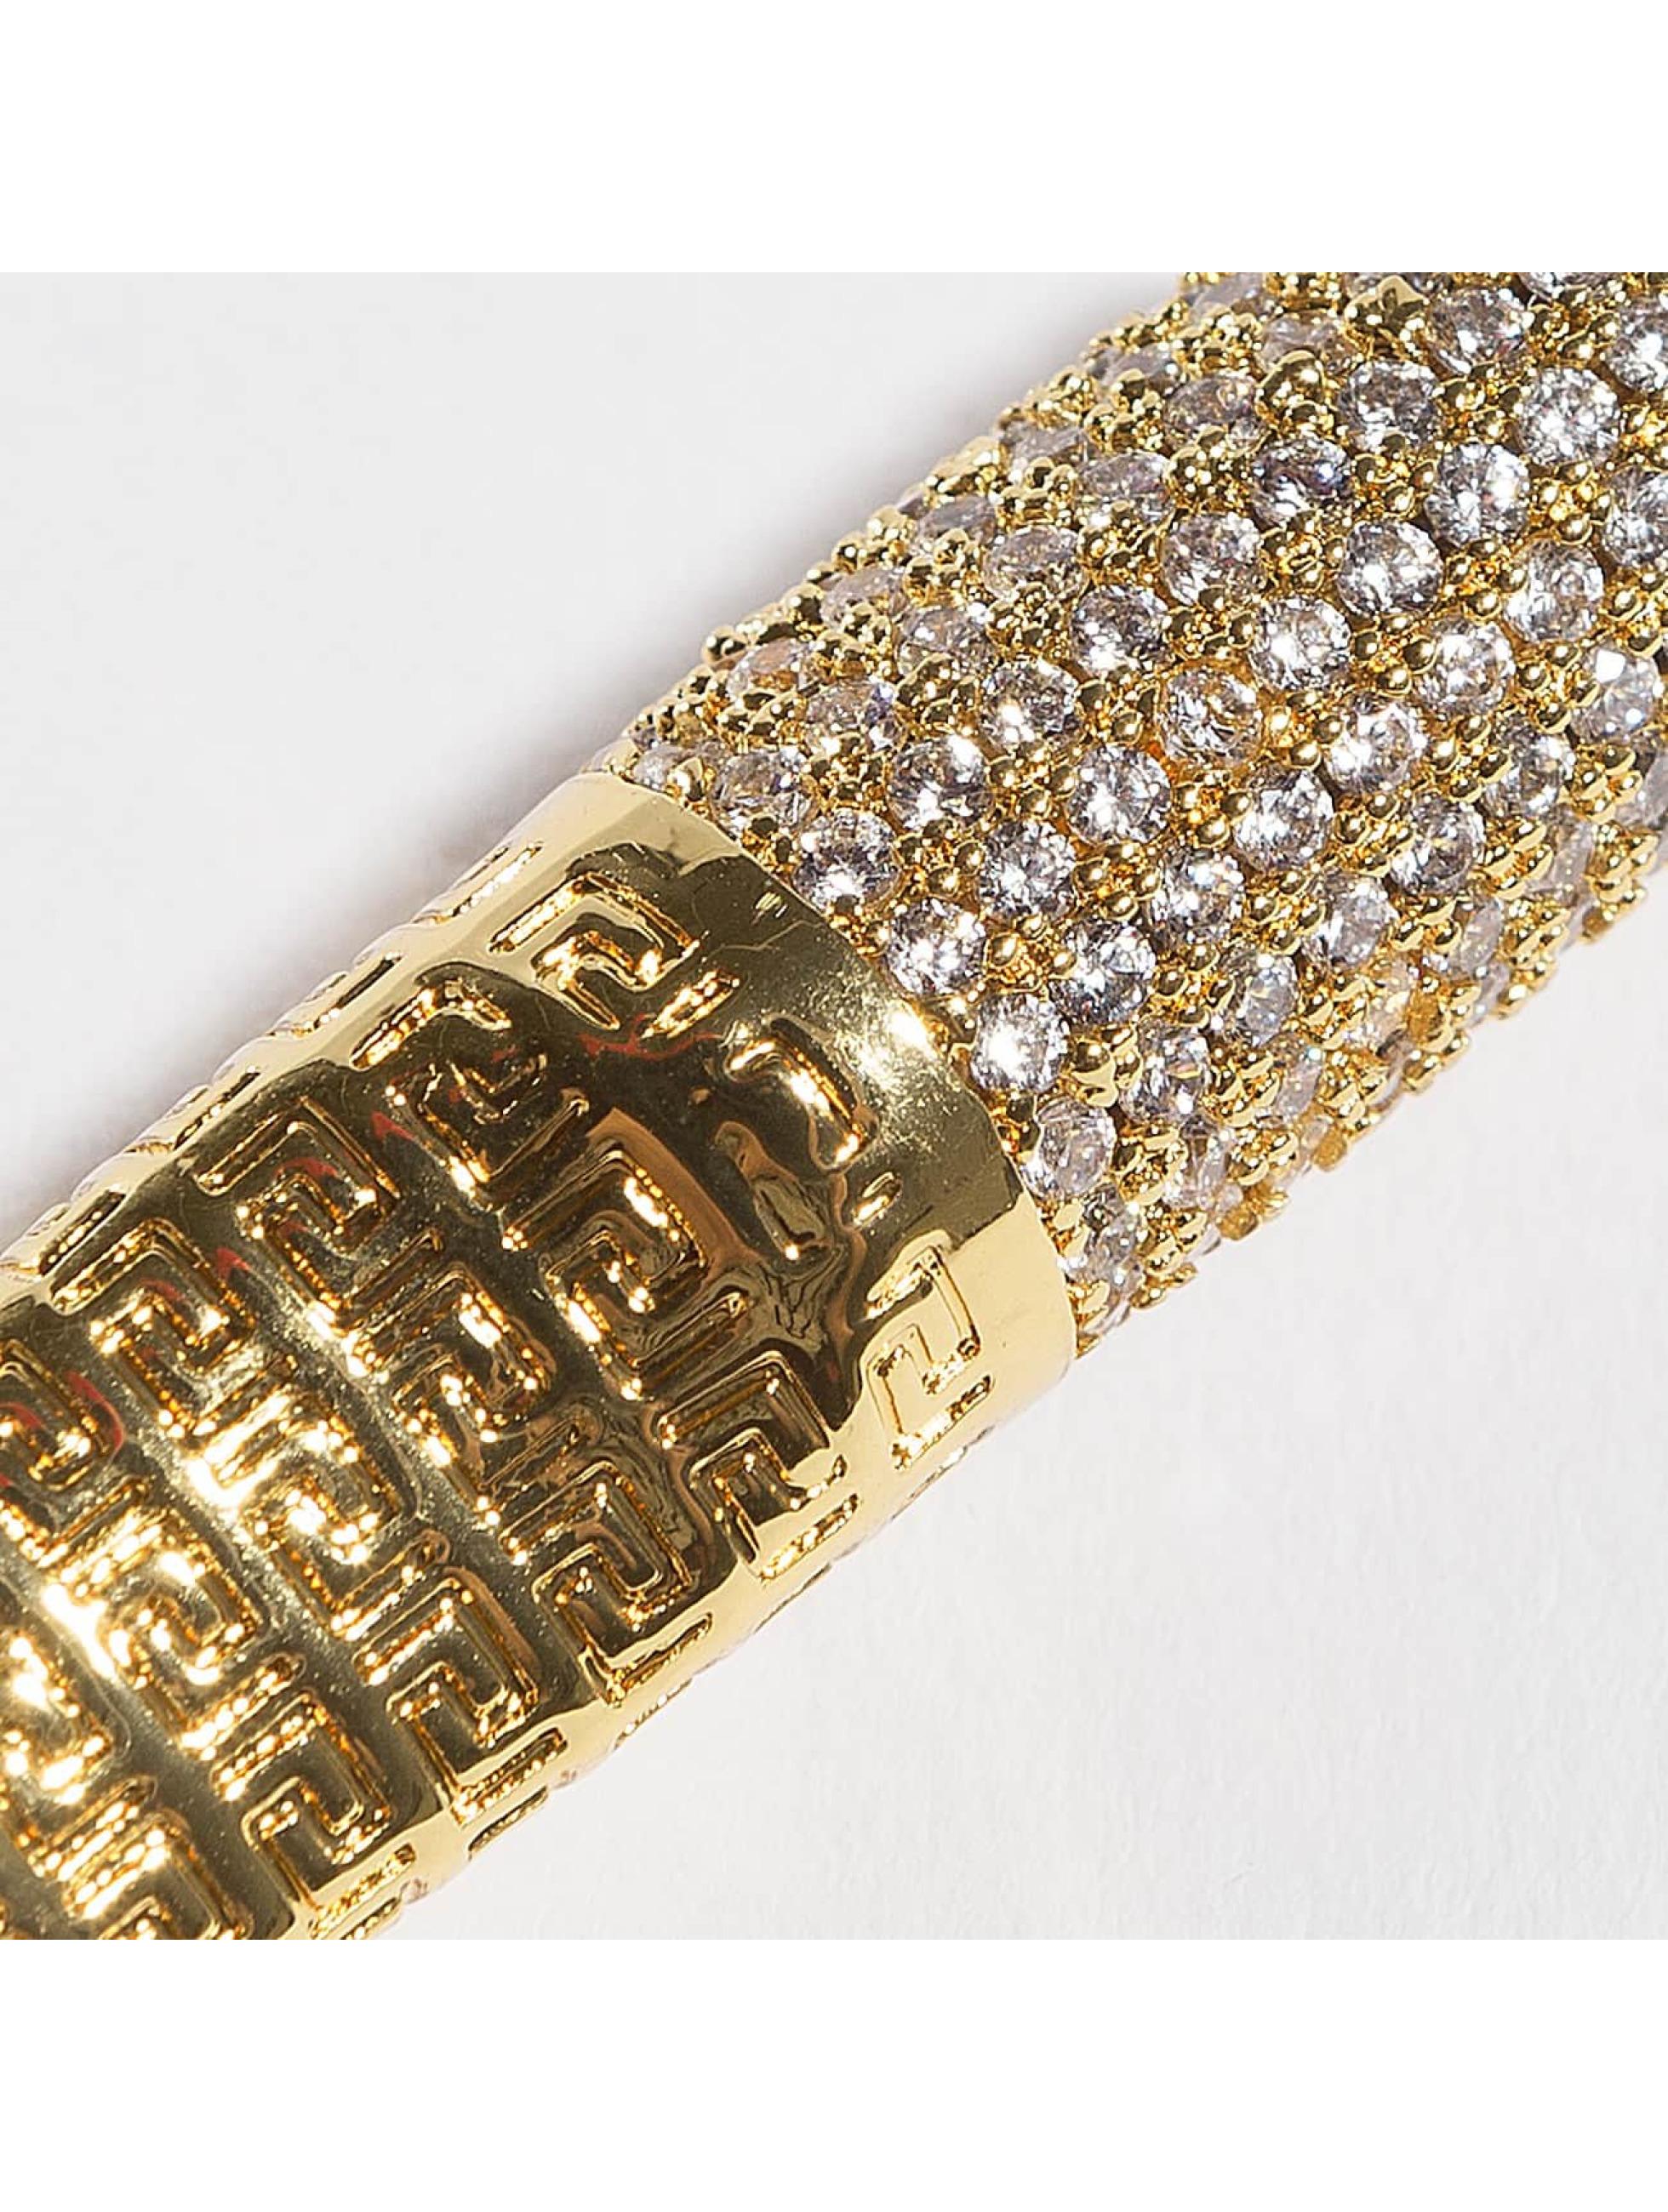 KING ICE Other Jungl Julz Greek Blunt gold